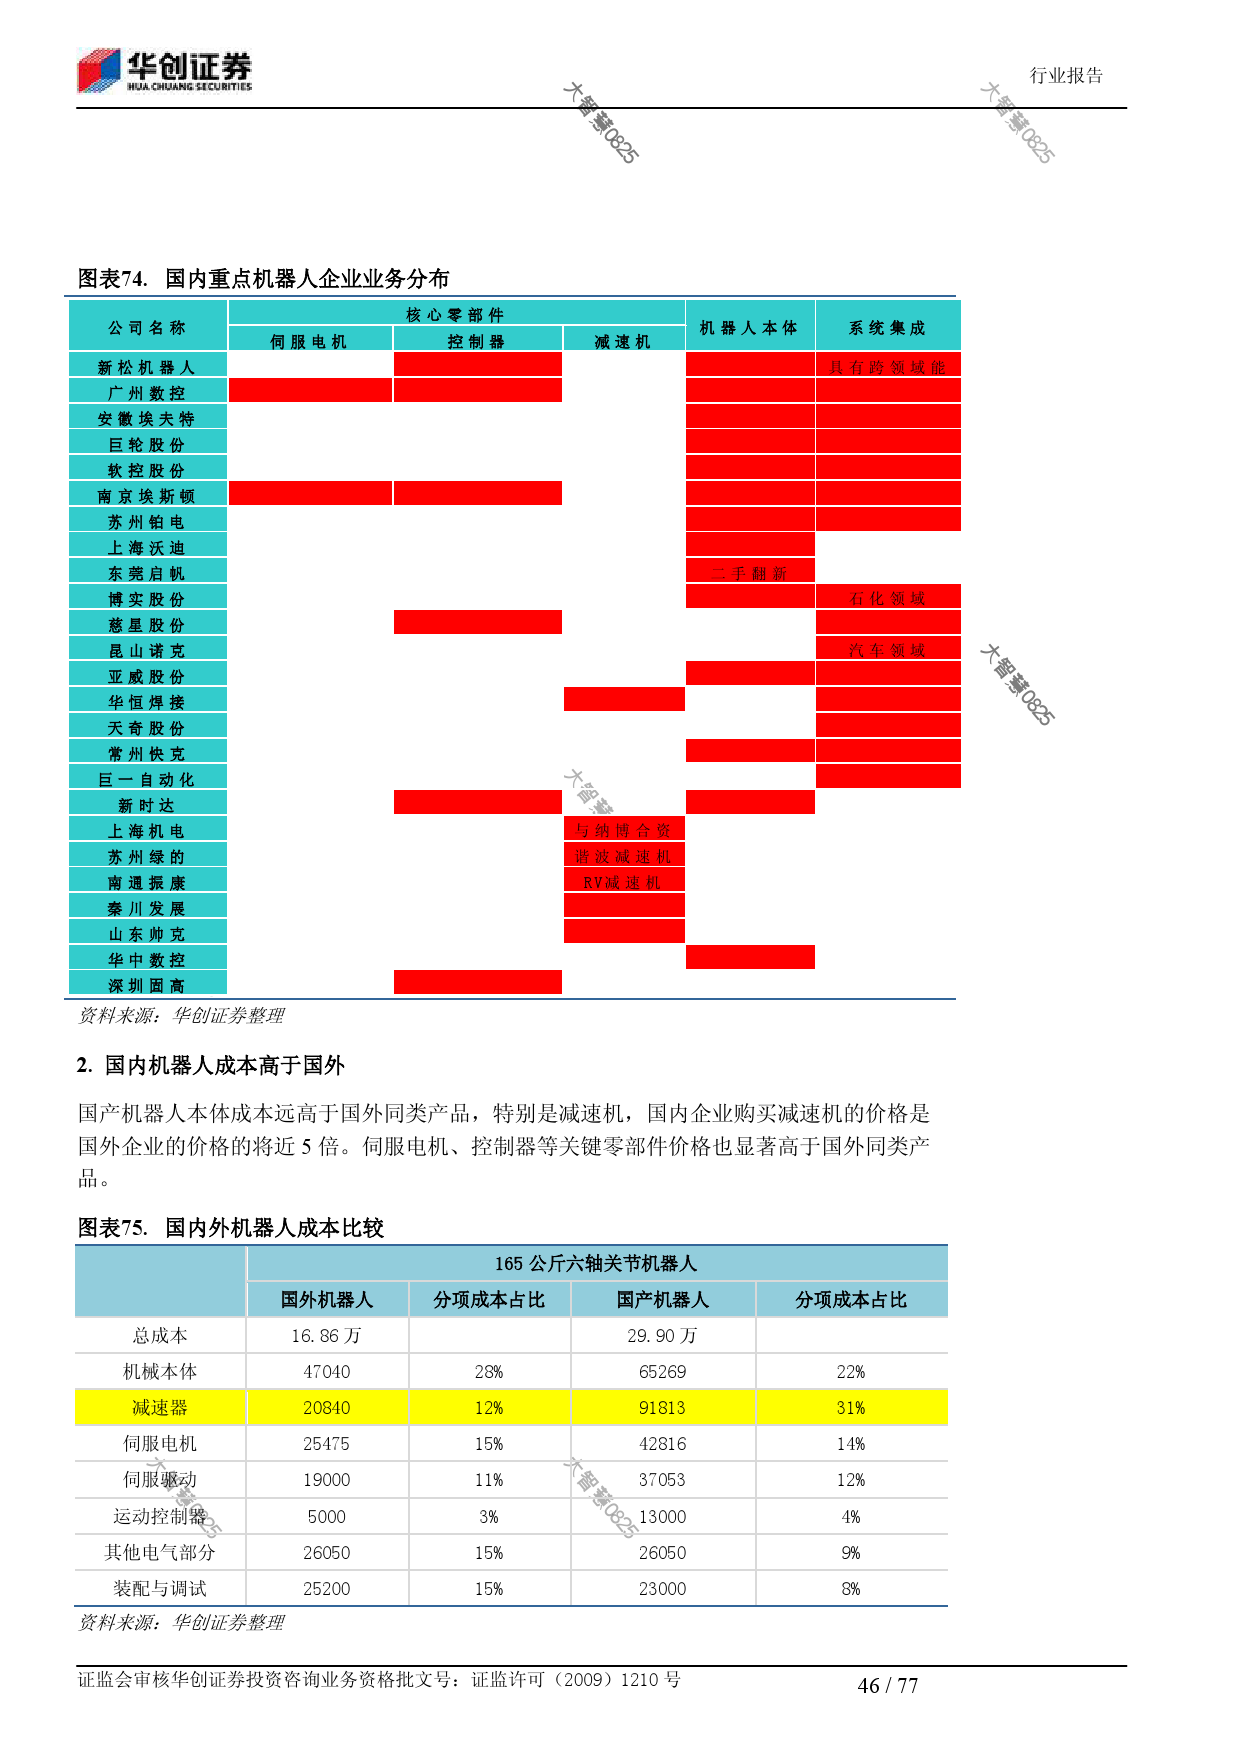 行业研究_华创证券_刘国清,鲁佩_机械设备:机器人大趋势_2014021_000046